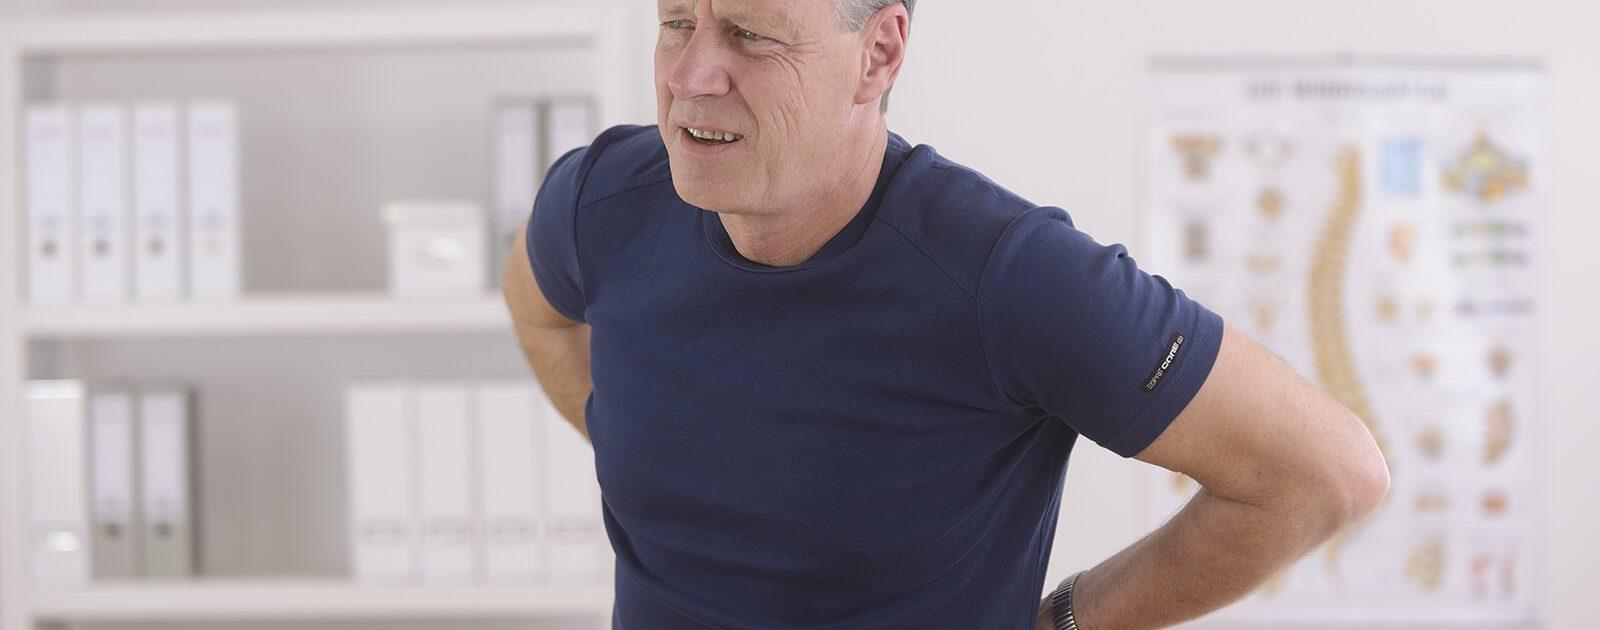 Mann hält sich den schmerzenden Rücken und überlegt, ob er einen Test zum Thema Bandscheibenvorfall machen sollte.